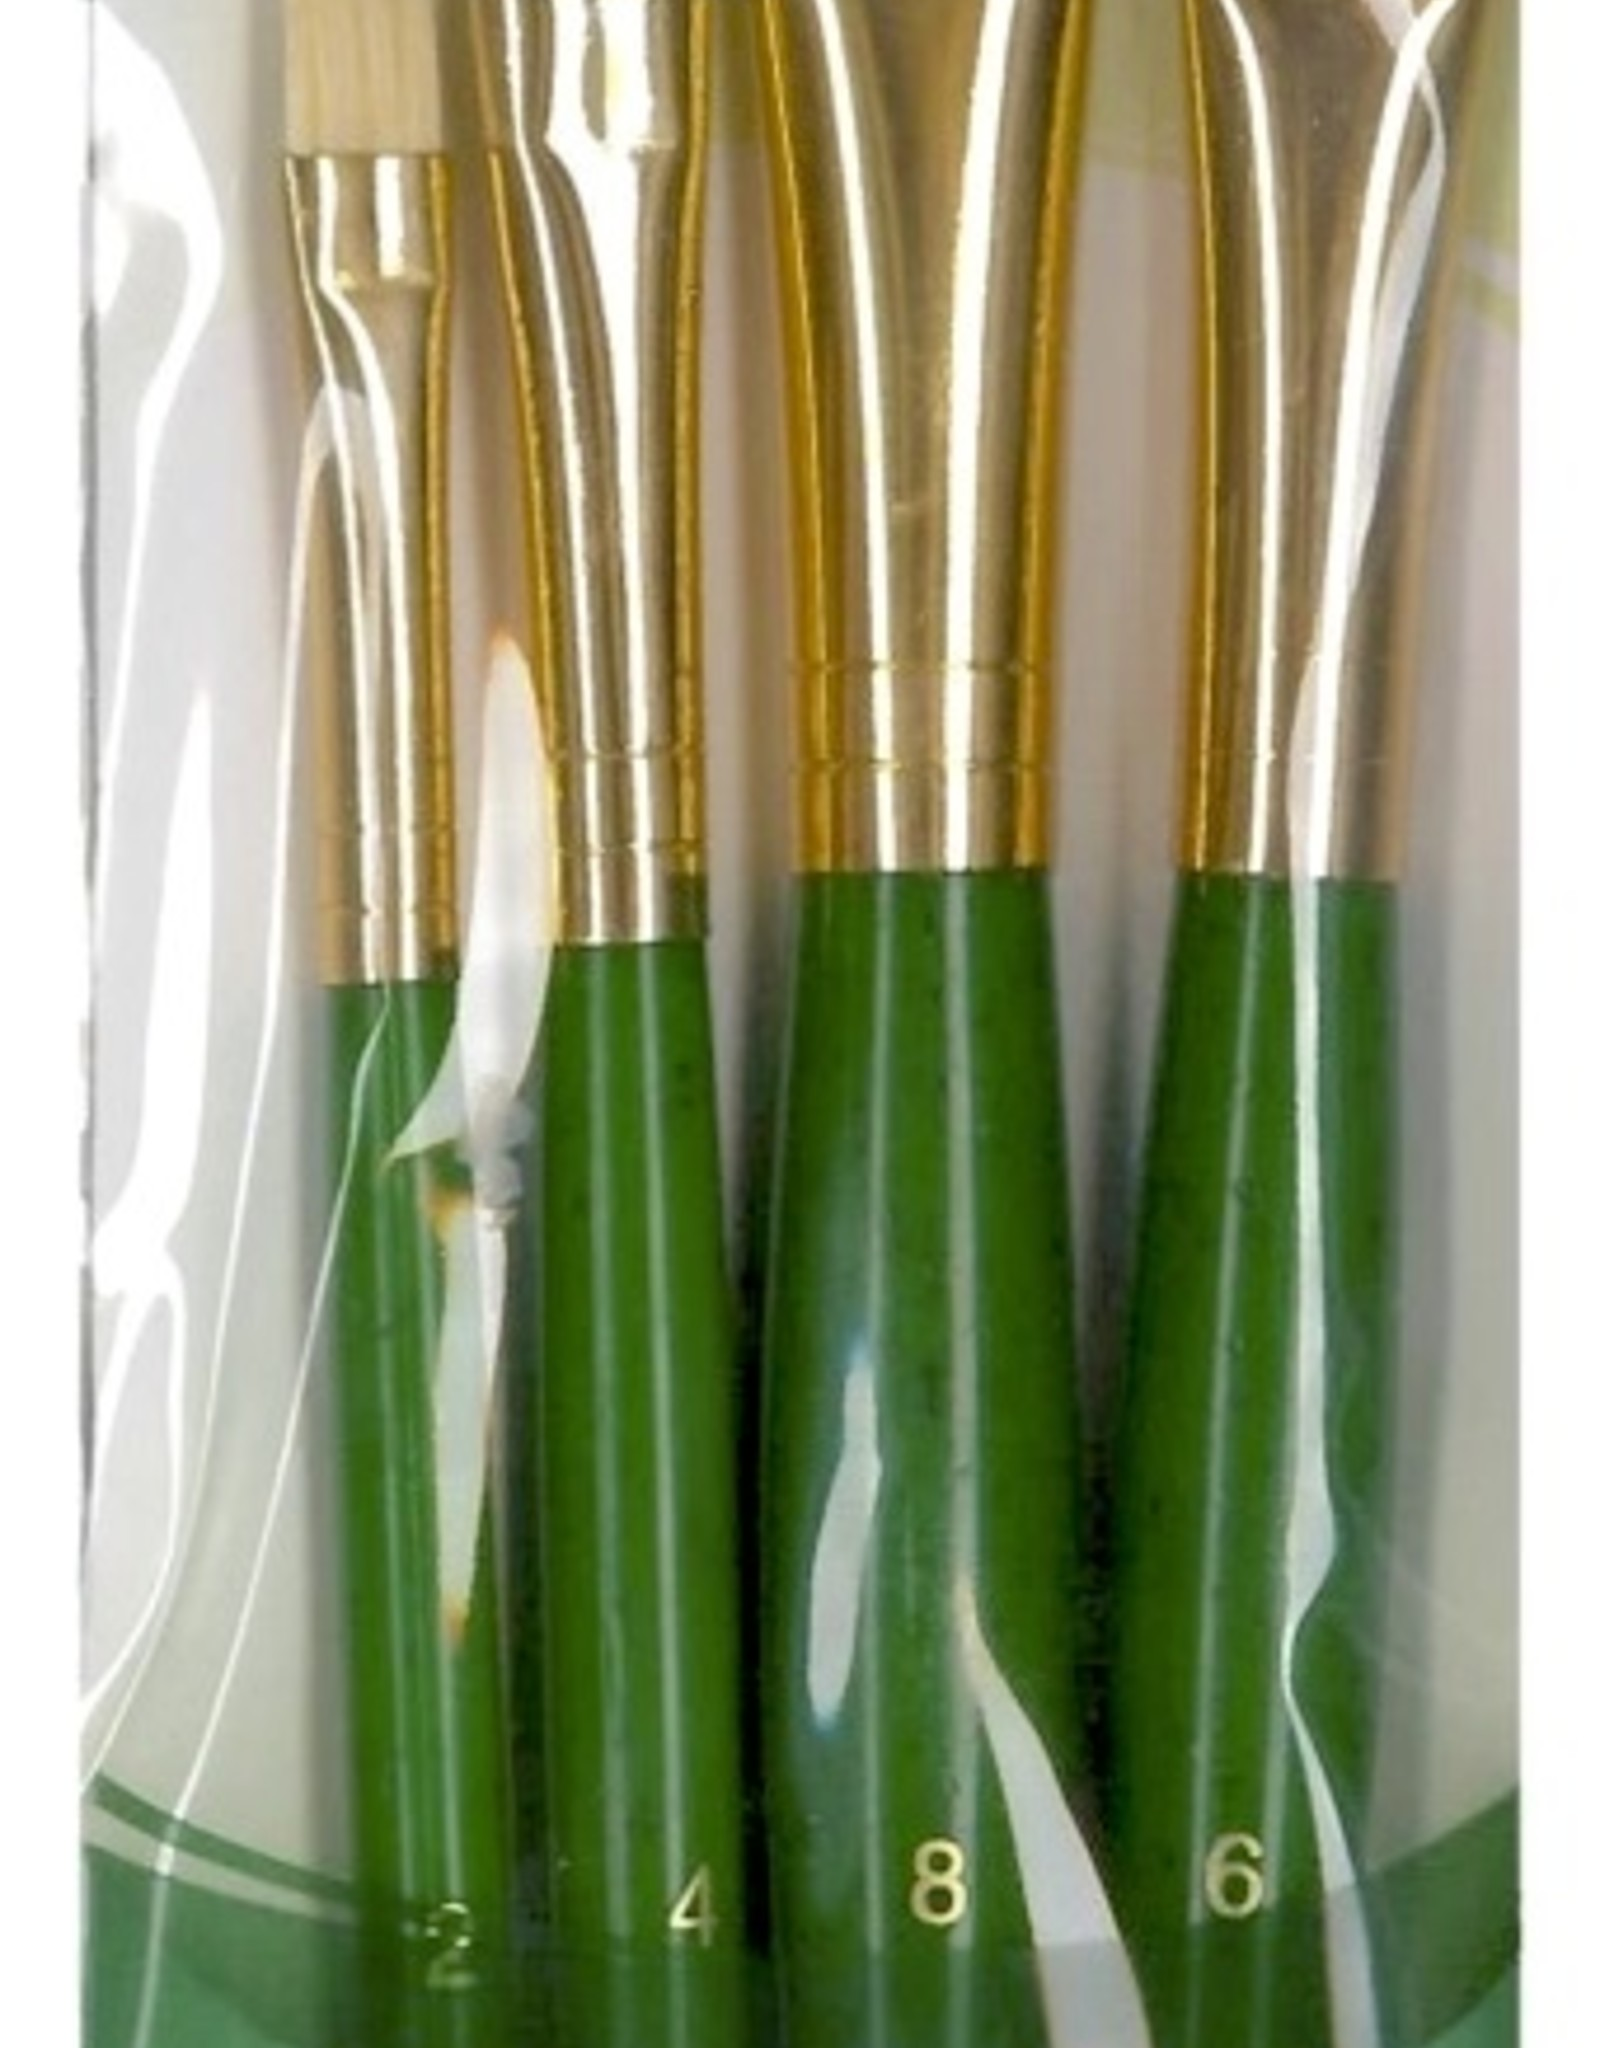 Brush Value Packs